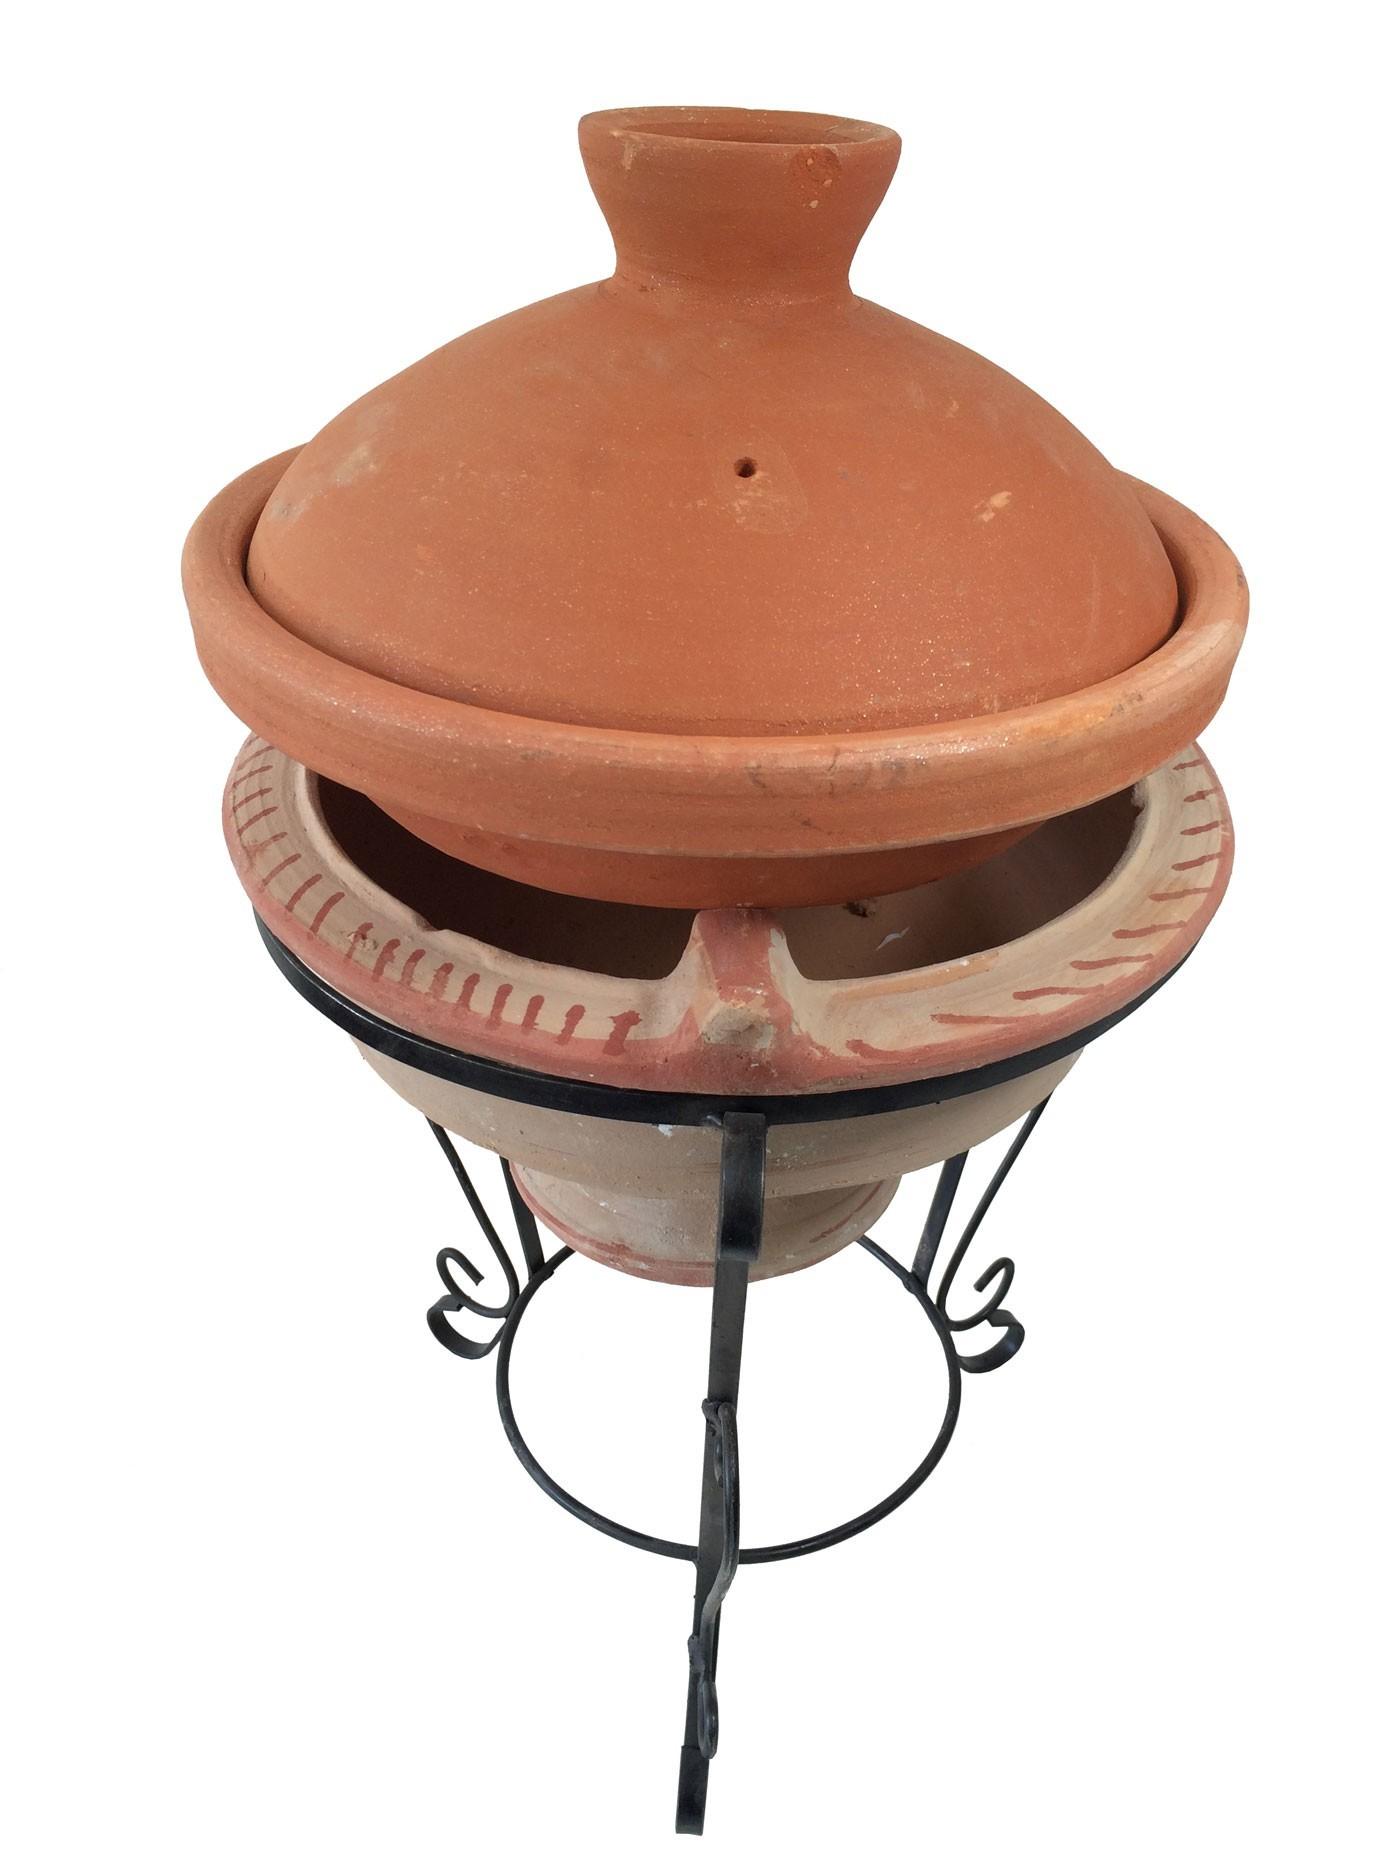 Plat tajine terre cuite d cor diam 30 et son brasero cm - Tajine en terre cuite ...